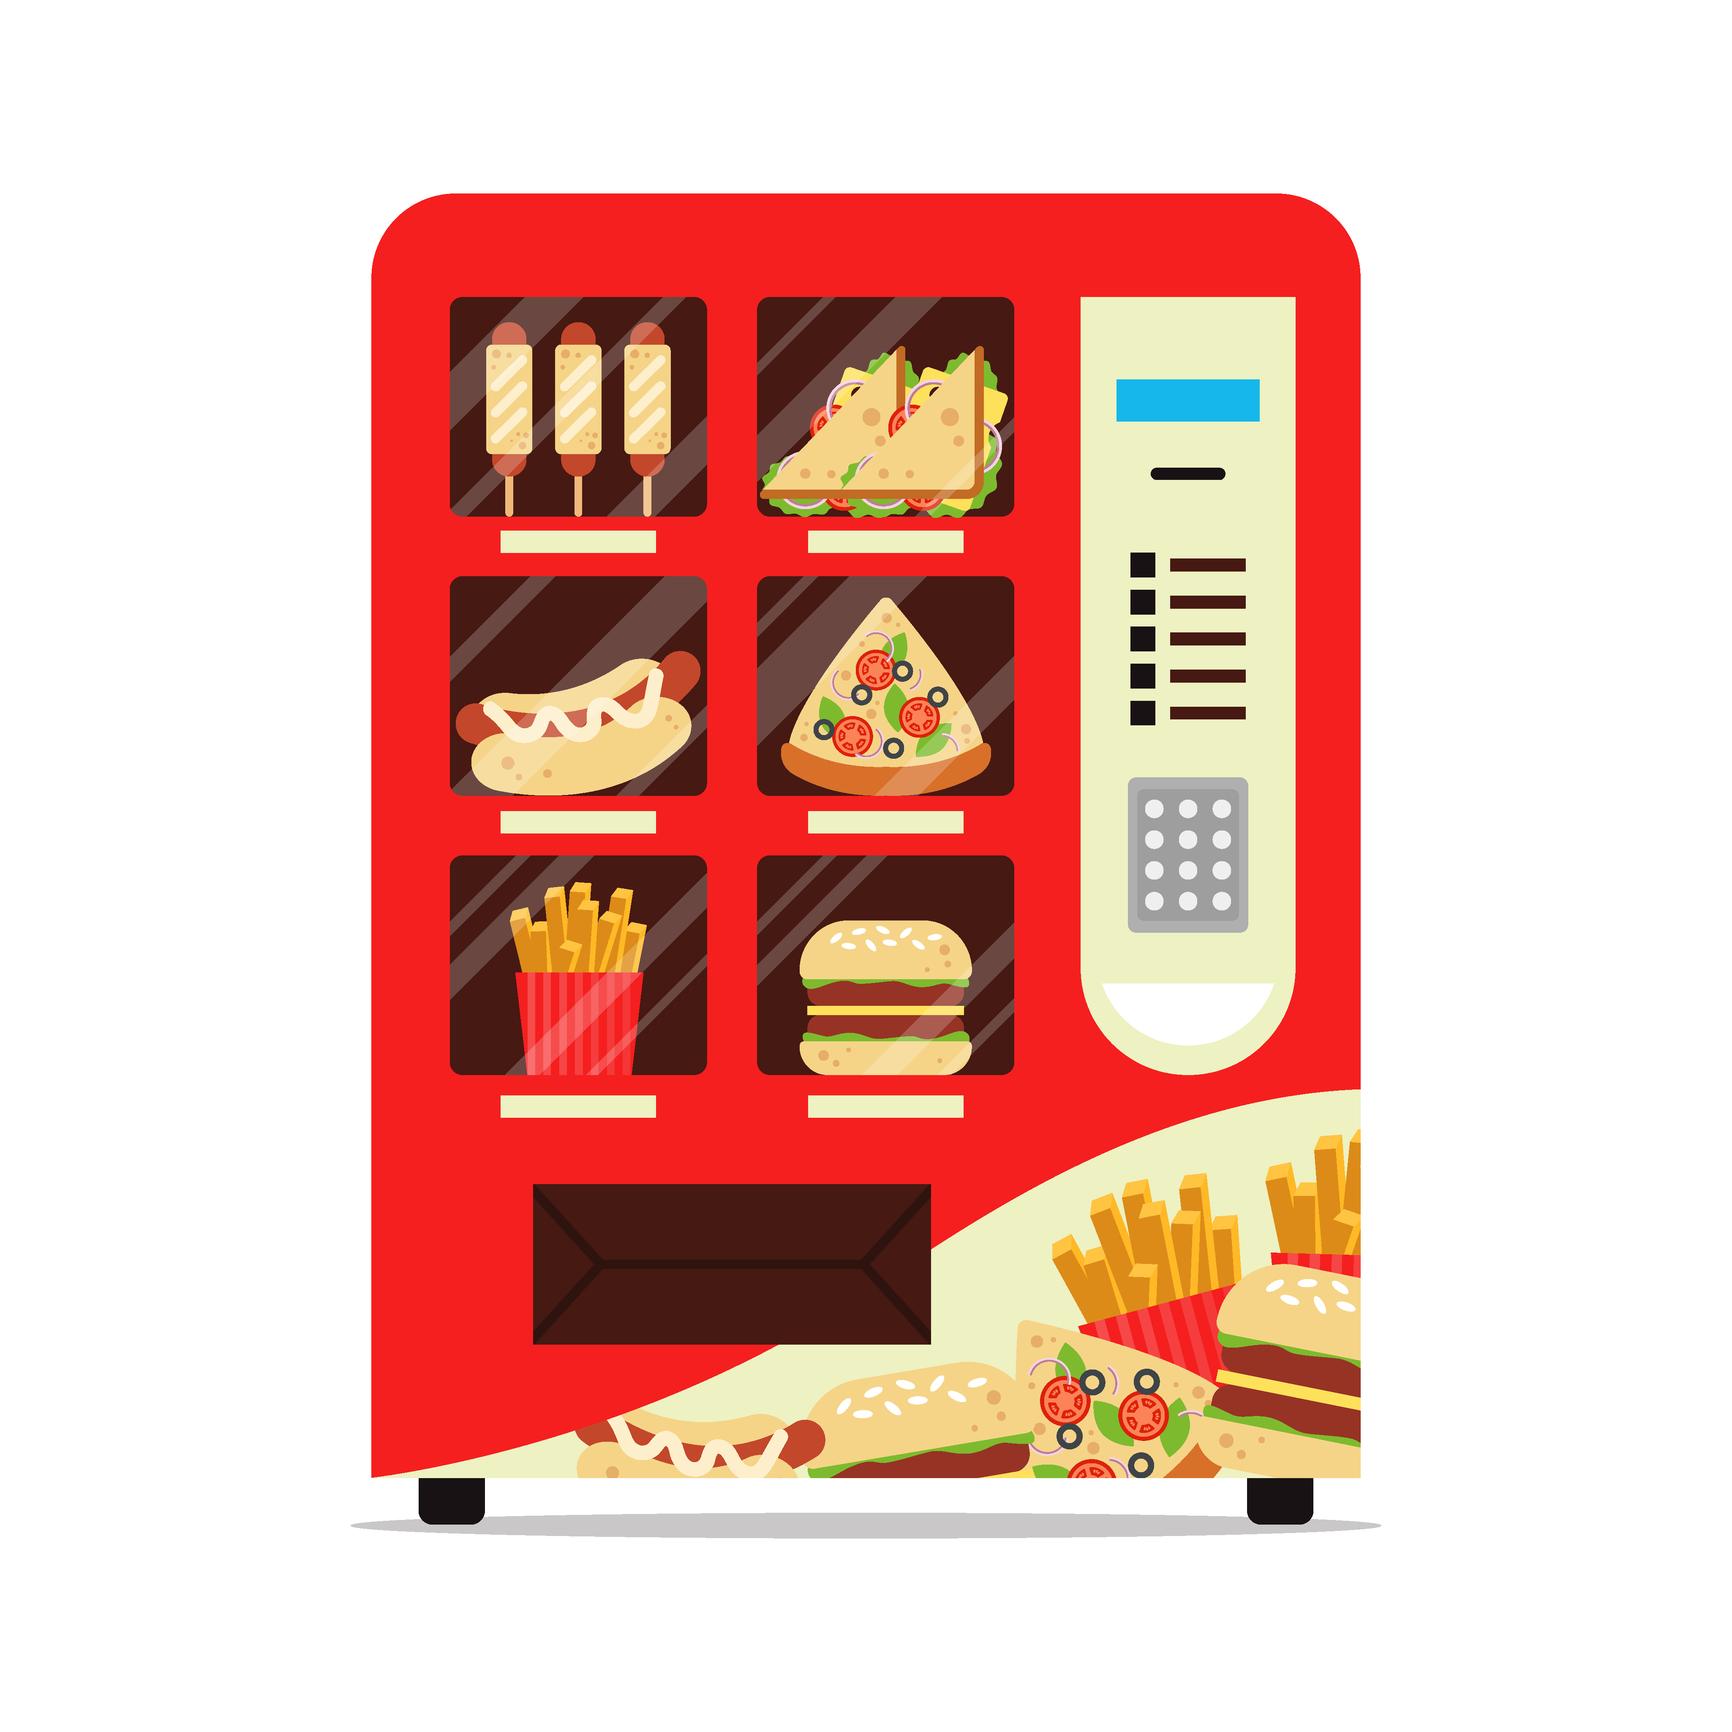 image Investissement : quels sont les atouts d'un distributeur automatique de pizza ?